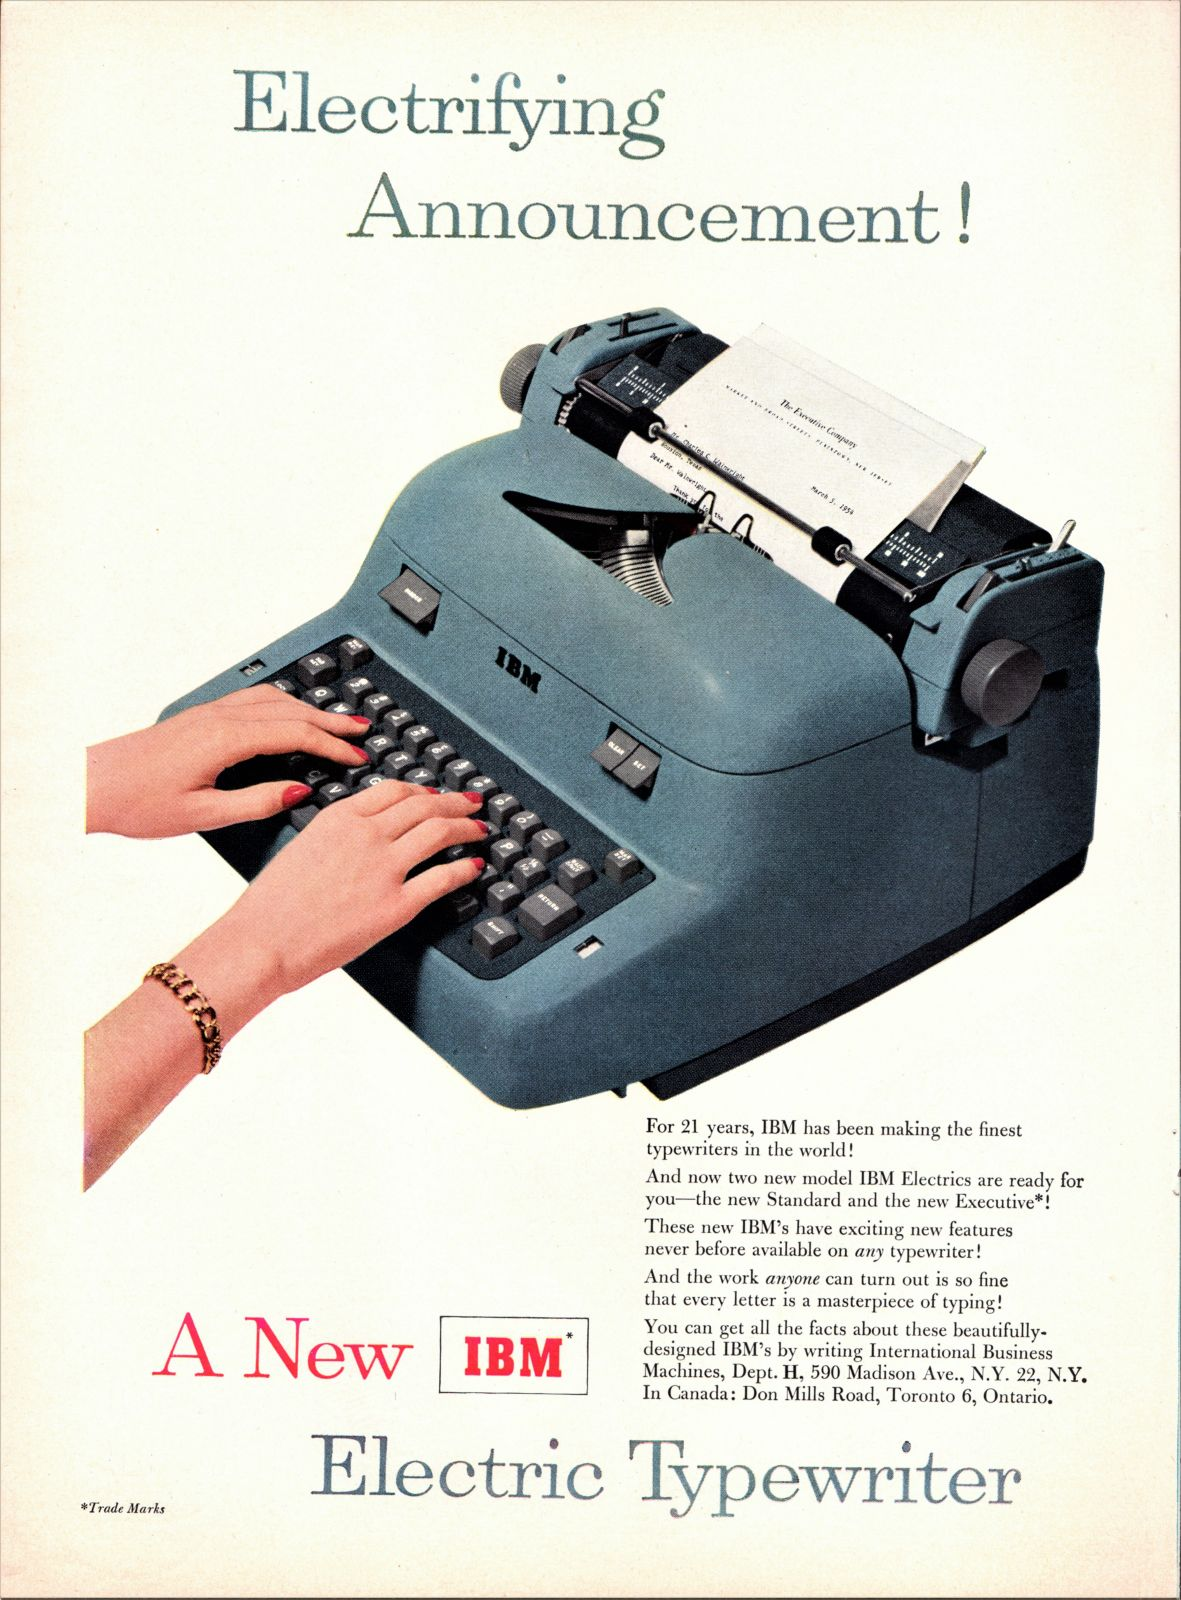 IBM Electric Typewriter